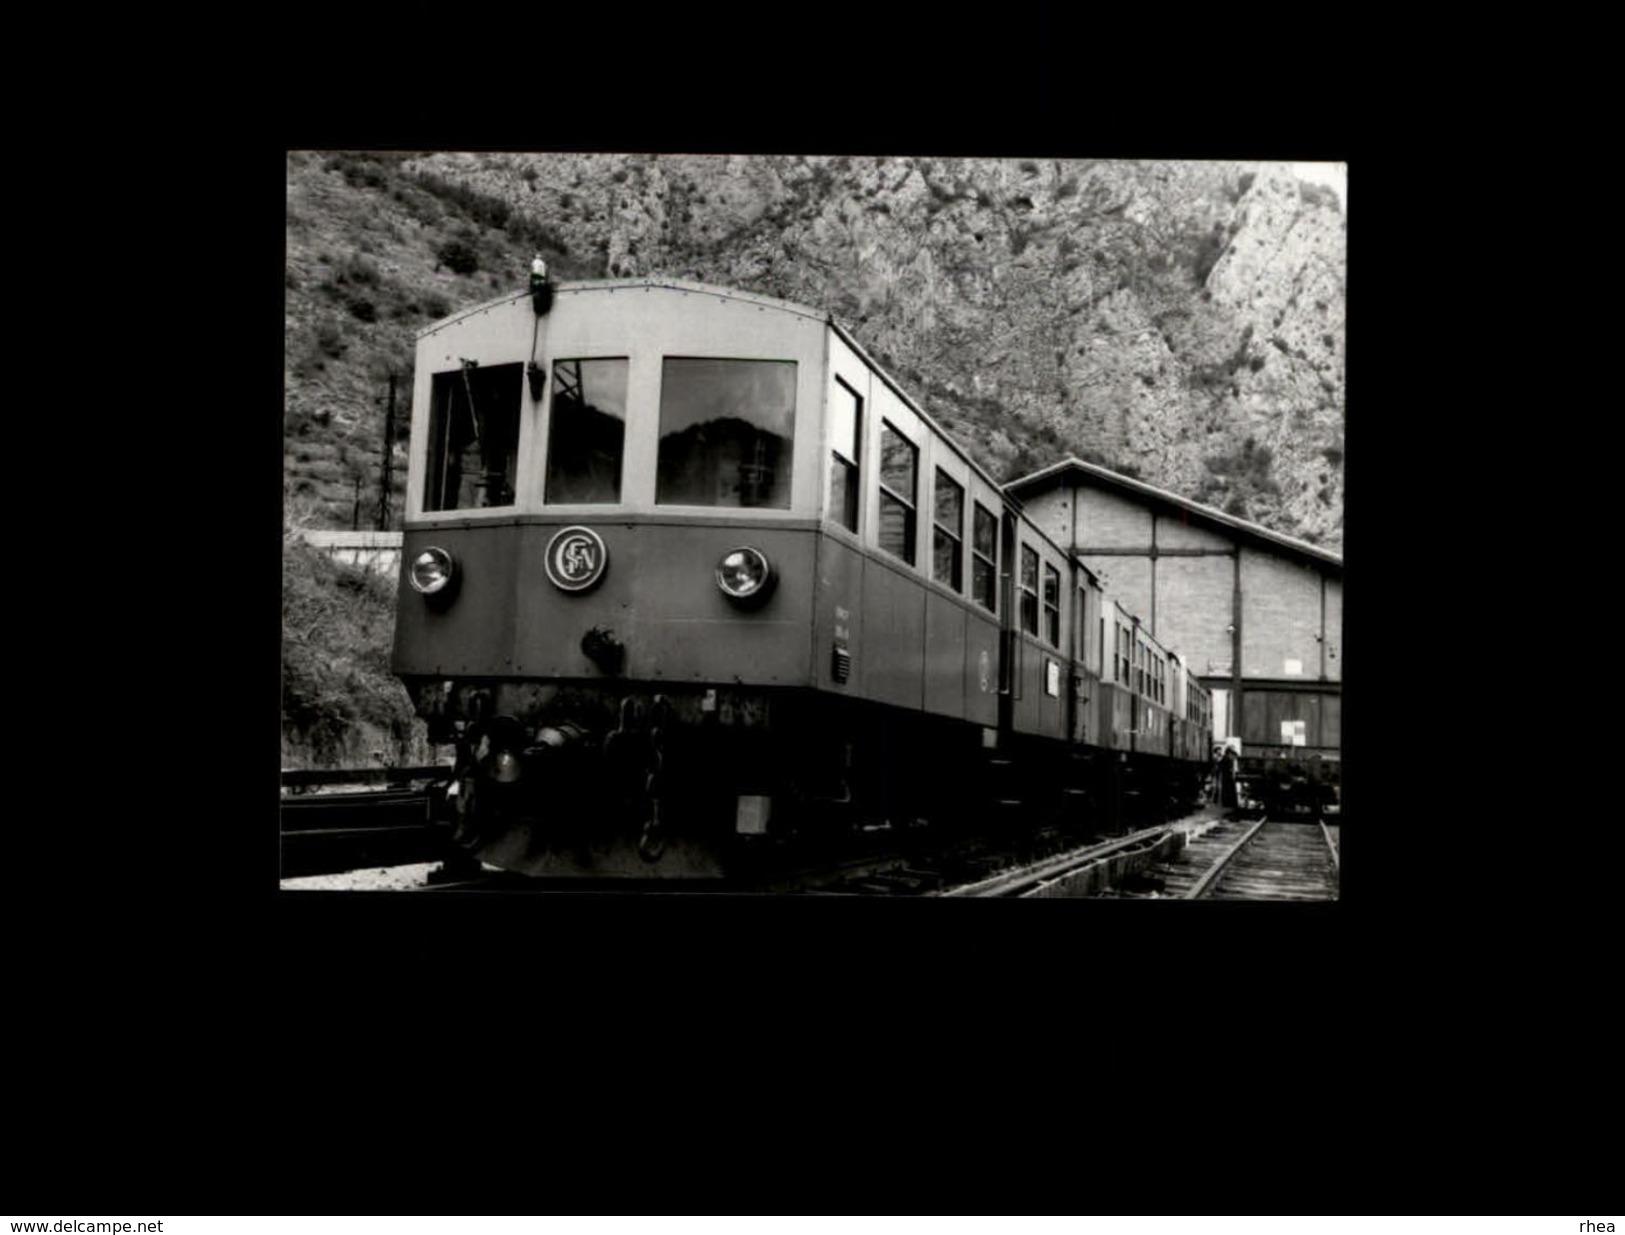 TRAINS - VILLEFRANCHE DE CONFLENT - 66 - Locomotive - SNCF - 1978 - Trains